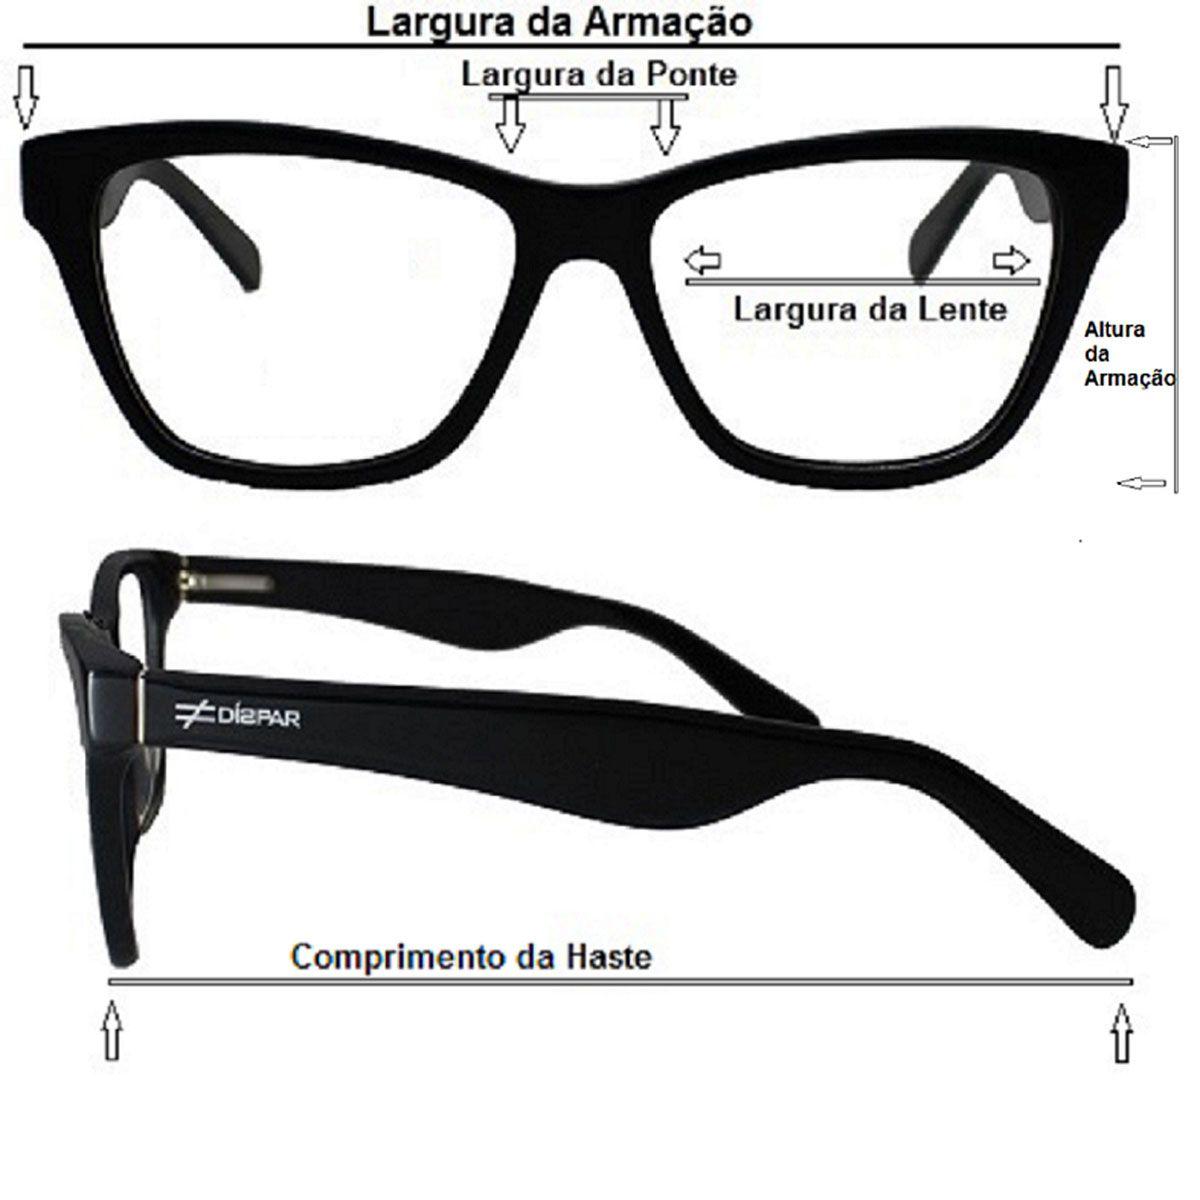 Óculos De Sol Díspar Infantil ID2040 Flexível Idade 6 a 9 anos - Vermelho